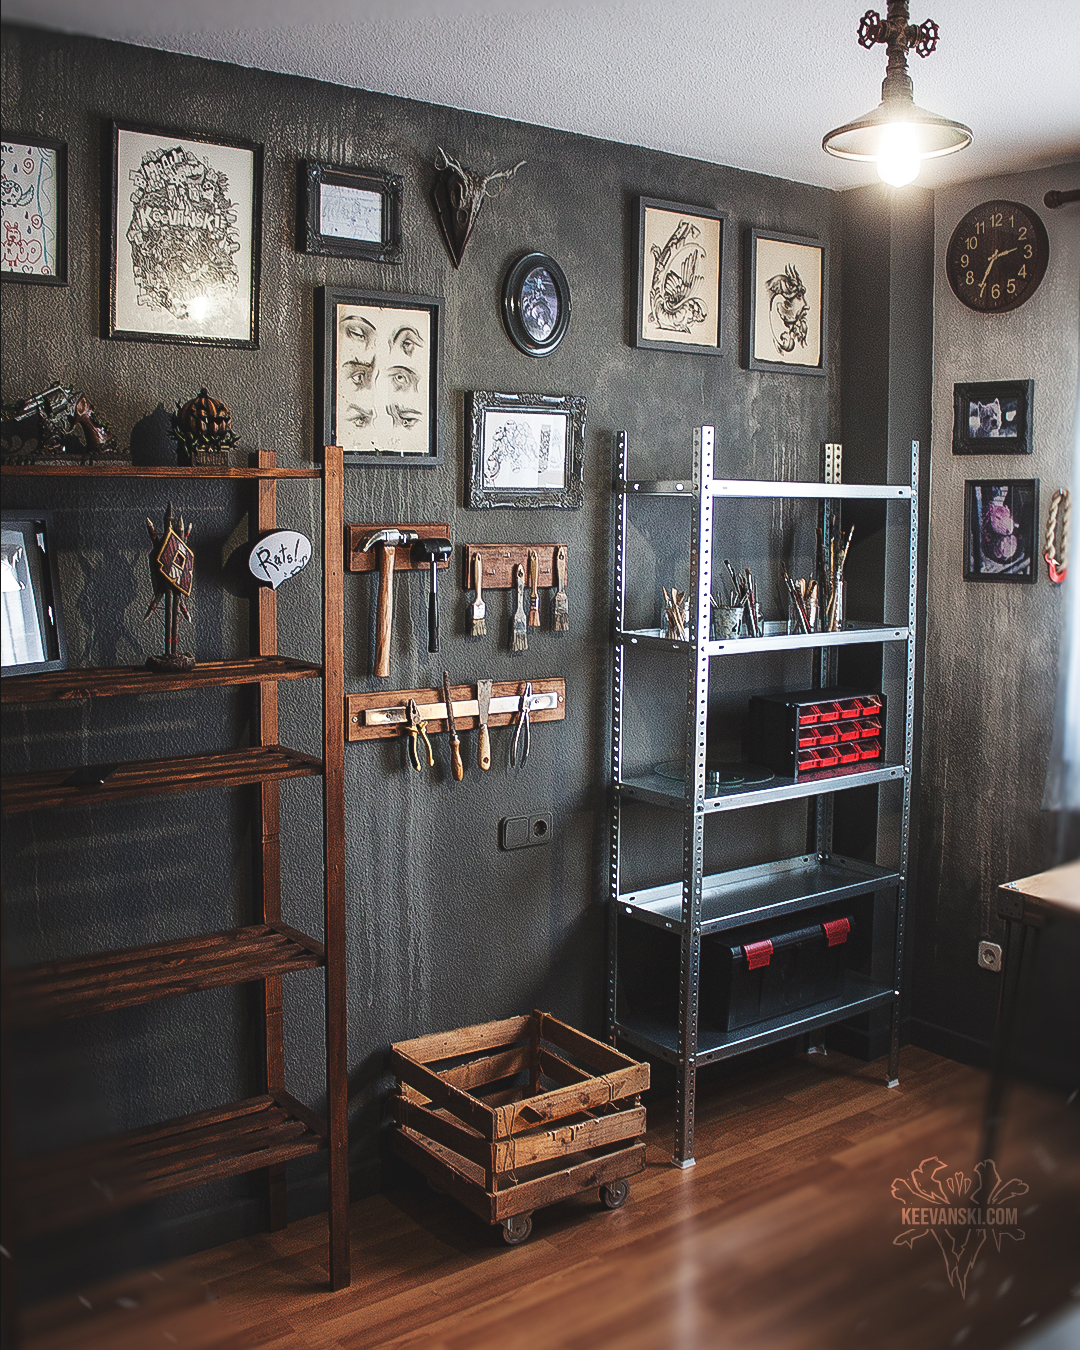 Art Studio / Workshop Makeover